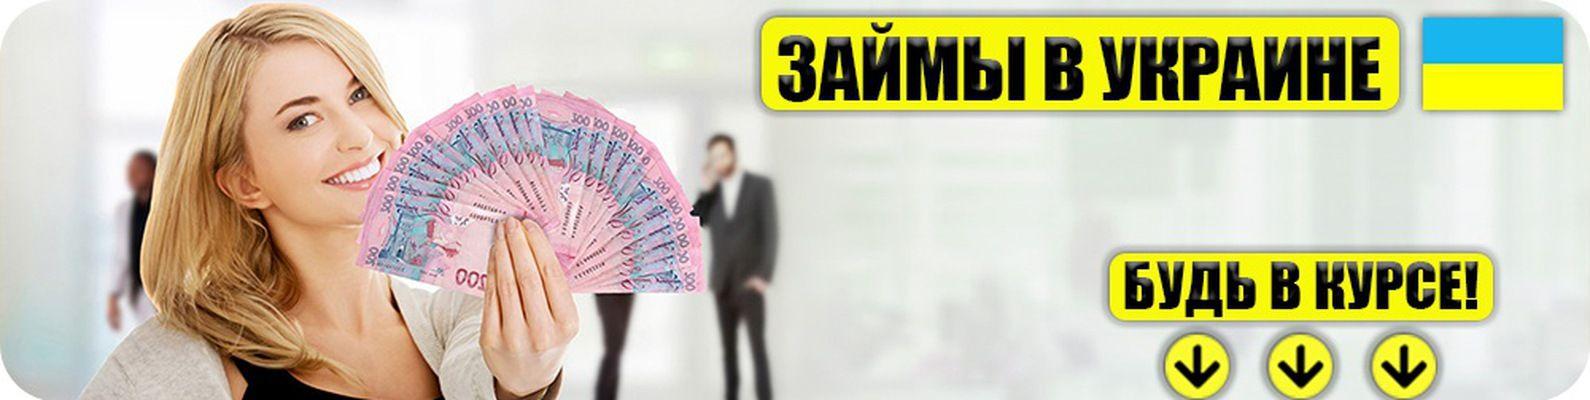 быстрый займ на карту онлайн казахстан